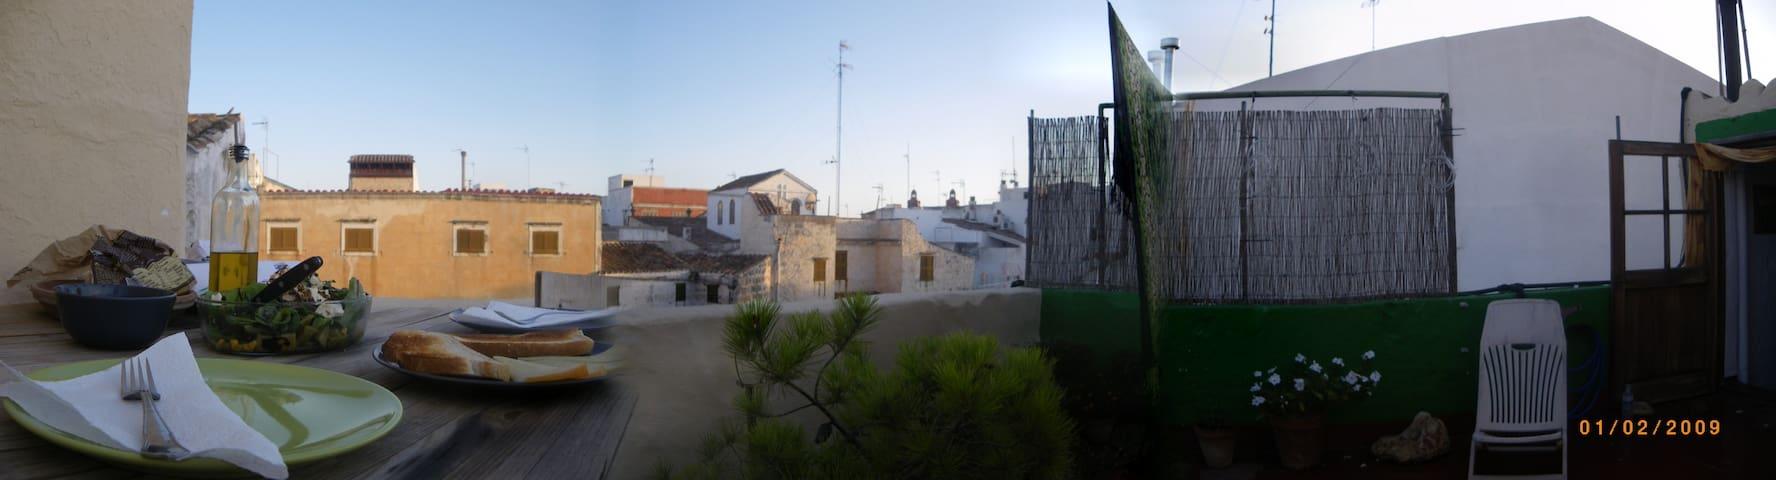 Habitacion individual céntrica Ciutadella - Ciutadella de Menorca